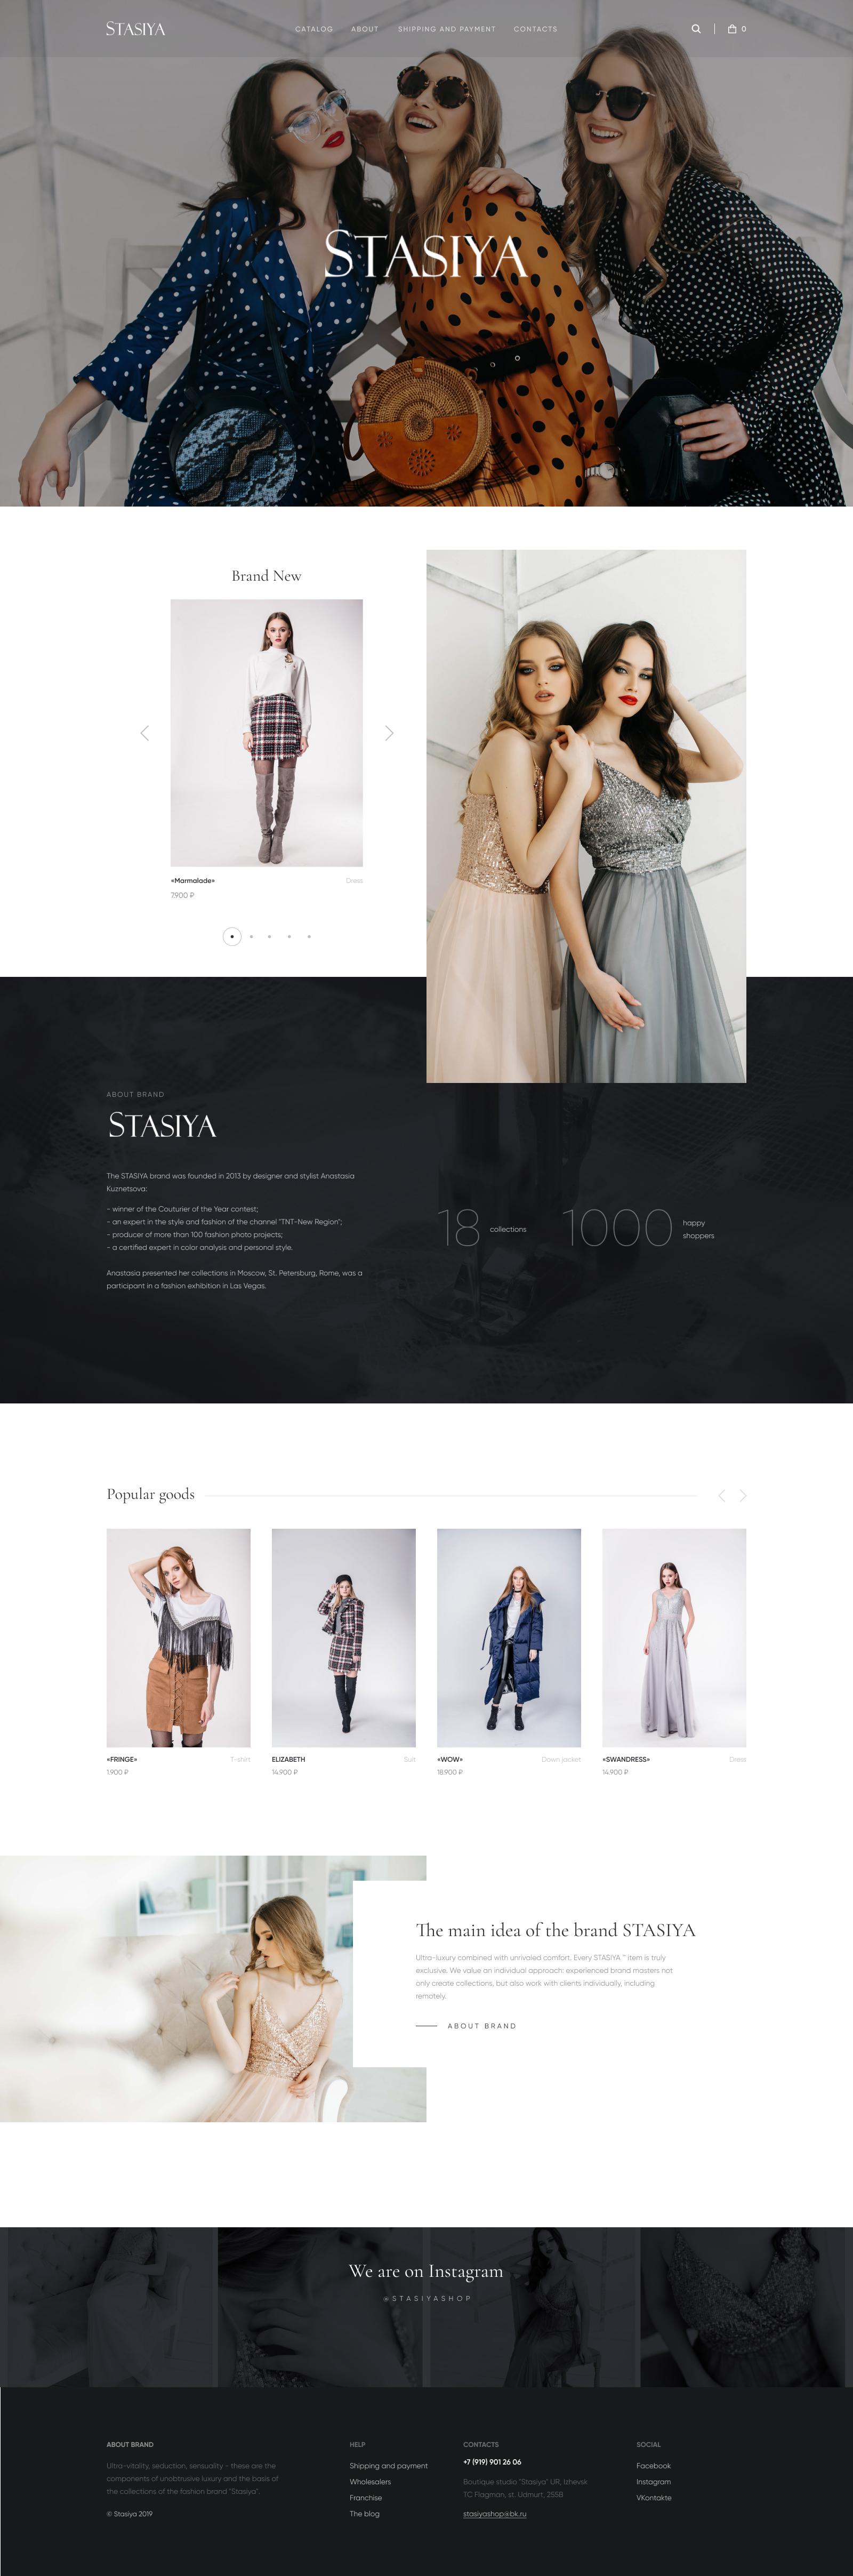 Интернет-магазин / Stasiya - продажа авторской женской одежды